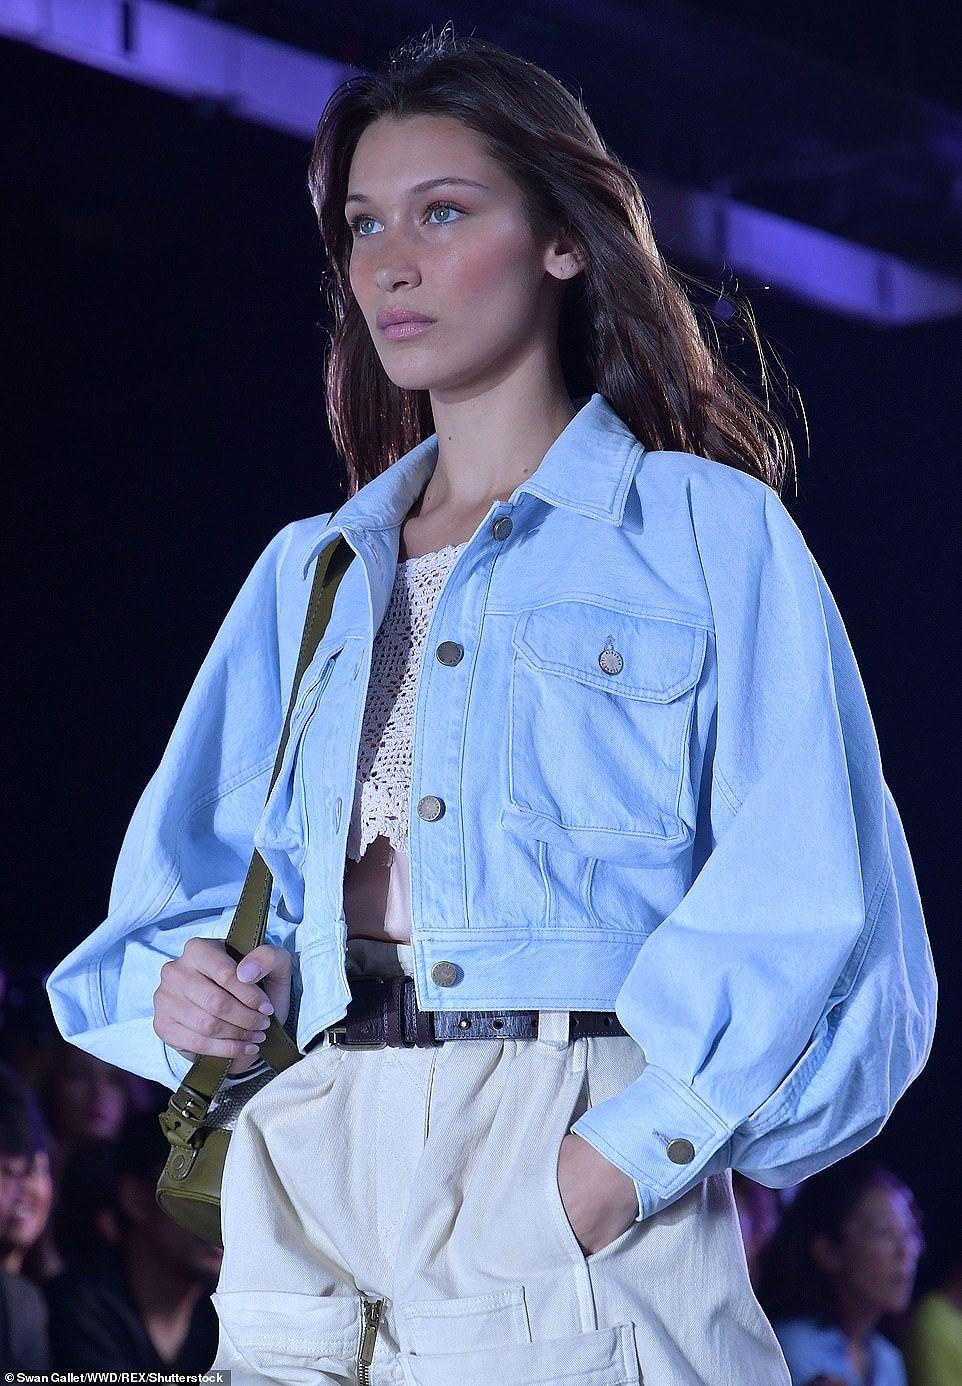 Kendall Jenner diện đồ xuyên thấu sánh bước cùng chị em Hadid ở Milan Ảnh 11